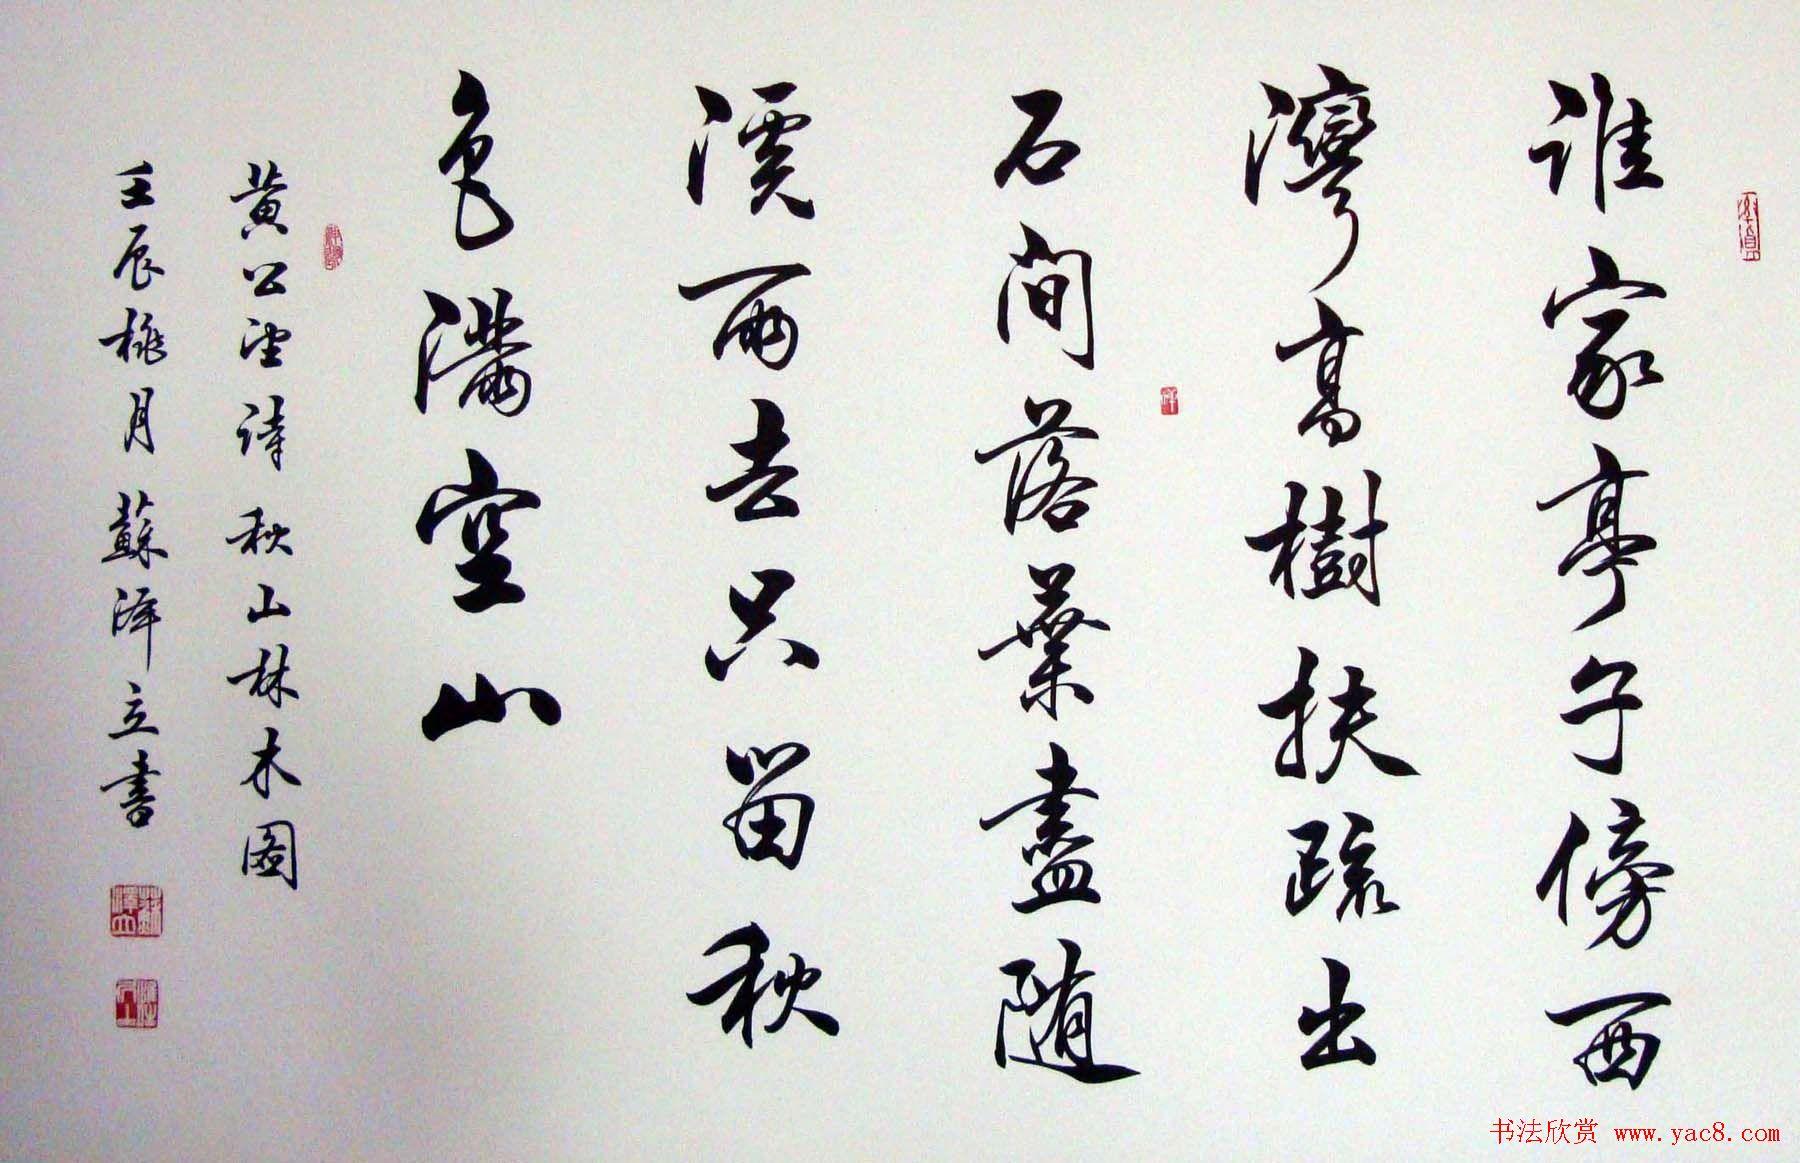 毛笔行书书法欣赏_陈之泉书法作品欣赏及主要艺术观点